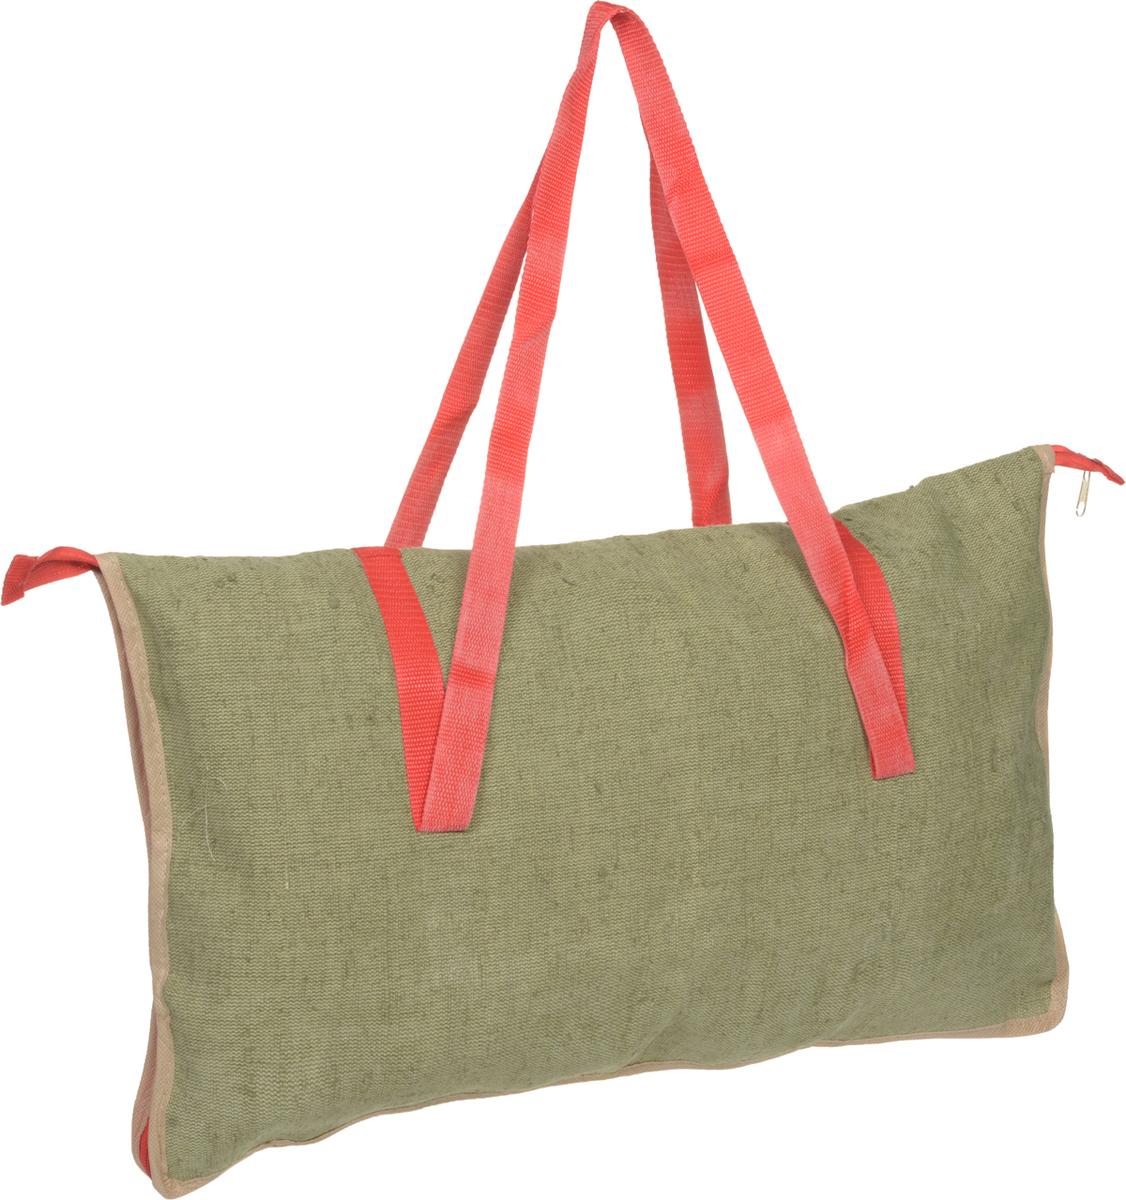 Сумка для мангала Eva, с молнией, цвет: зеленый, красный, 36 х 62 смК24_зеленый, красныйСумка Eva изготовлена из цветного хлопка с леном и предназначена для переноски мангала на пикнике и в туристических походах. Изделие оснащено двумя удобными ручками и молнией. Сумка Eva станет незаменимым аксессуаром на вашем отдыхе!Размер сумки: 36 х 62 см. Высота ручек: 40 см.